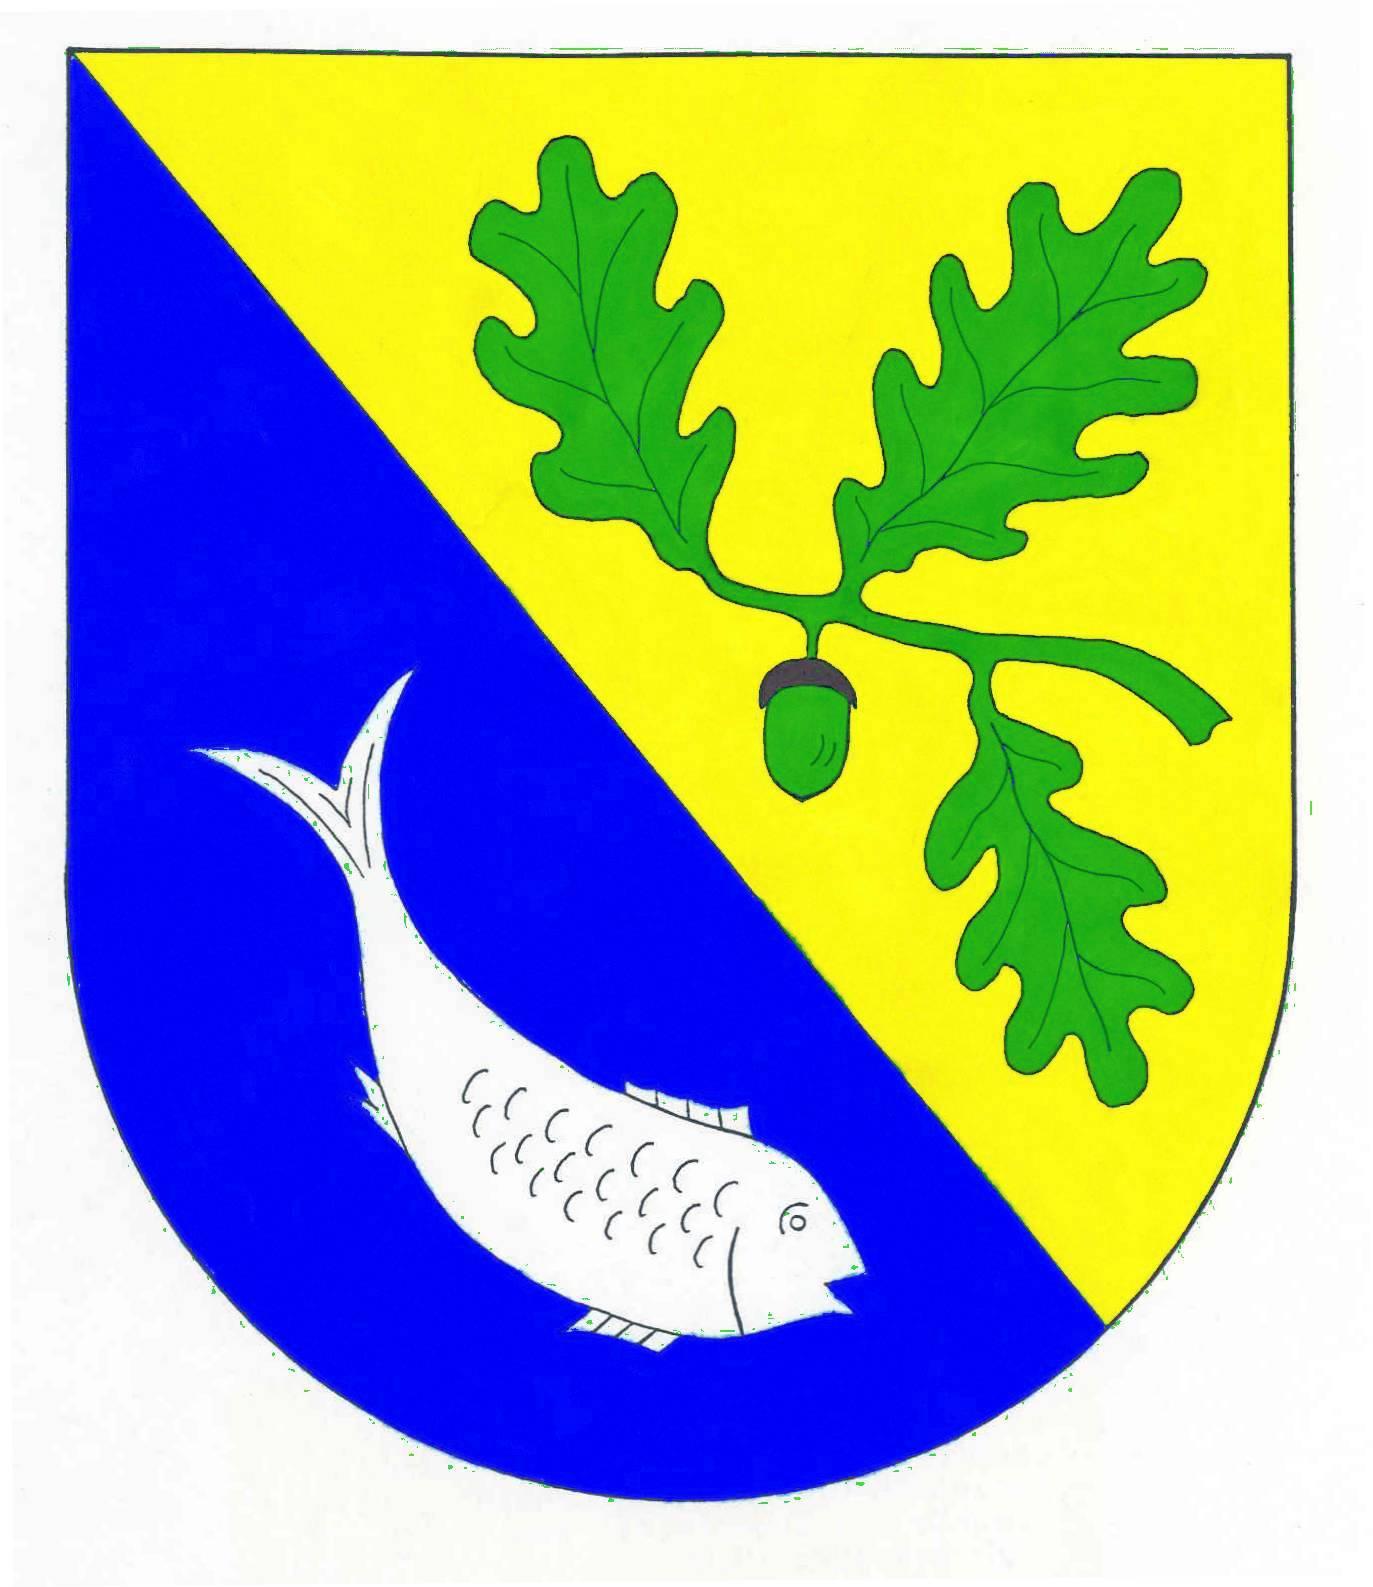 Wappen GemeindeNiesgrau, Kreis Schleswig-Flensburg